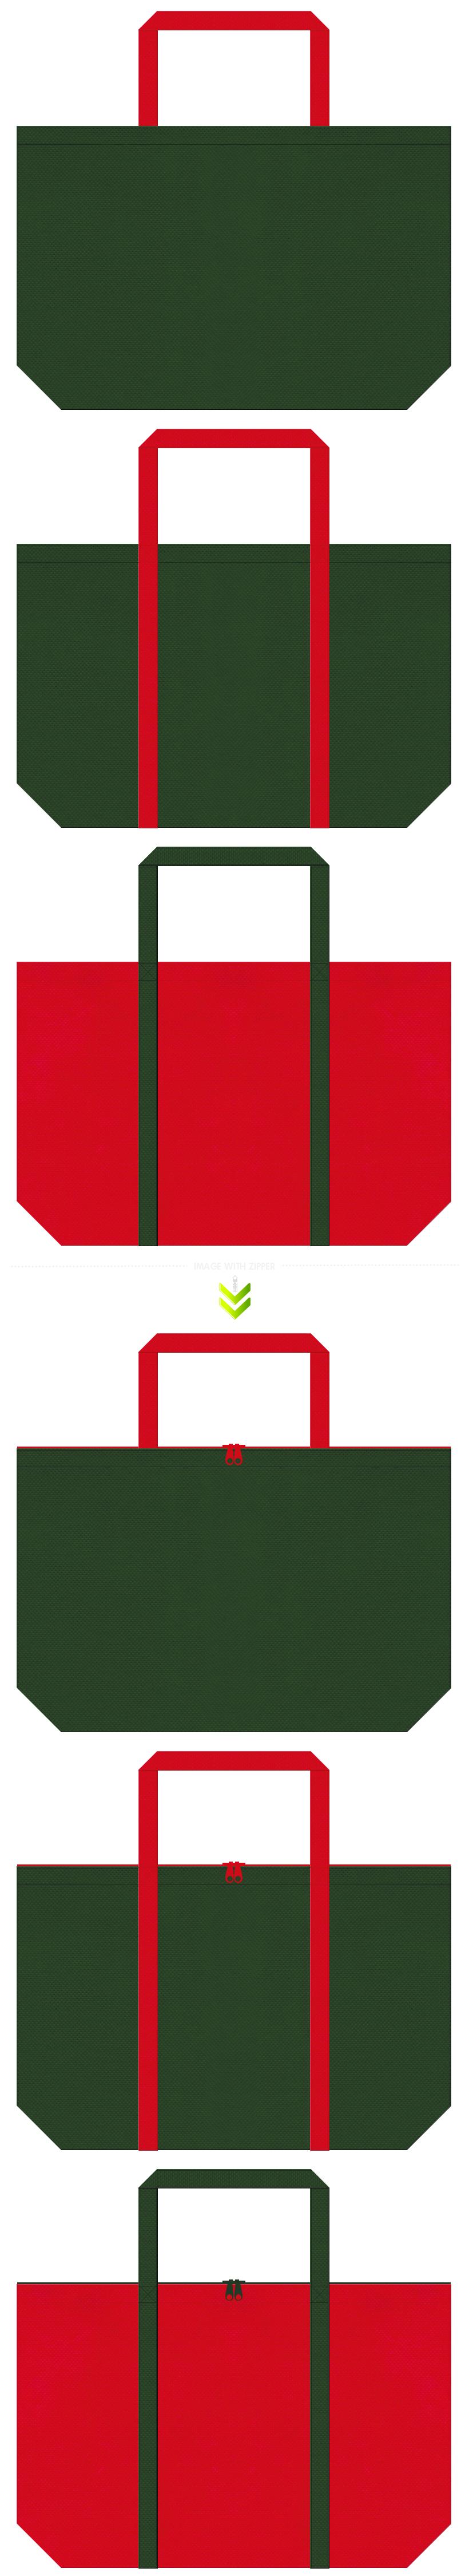 救急用品・消防団・クリスマス・バーナー・コンロ・登山・キャンプ・アウトドア・五月人形・端午の節句・鎧・兜・お城・和風庭園・野点傘・和傘・和柄のエコバッグにお奨めの不織布バッグデザイン:濃緑色・深緑色と紅色のコーデ